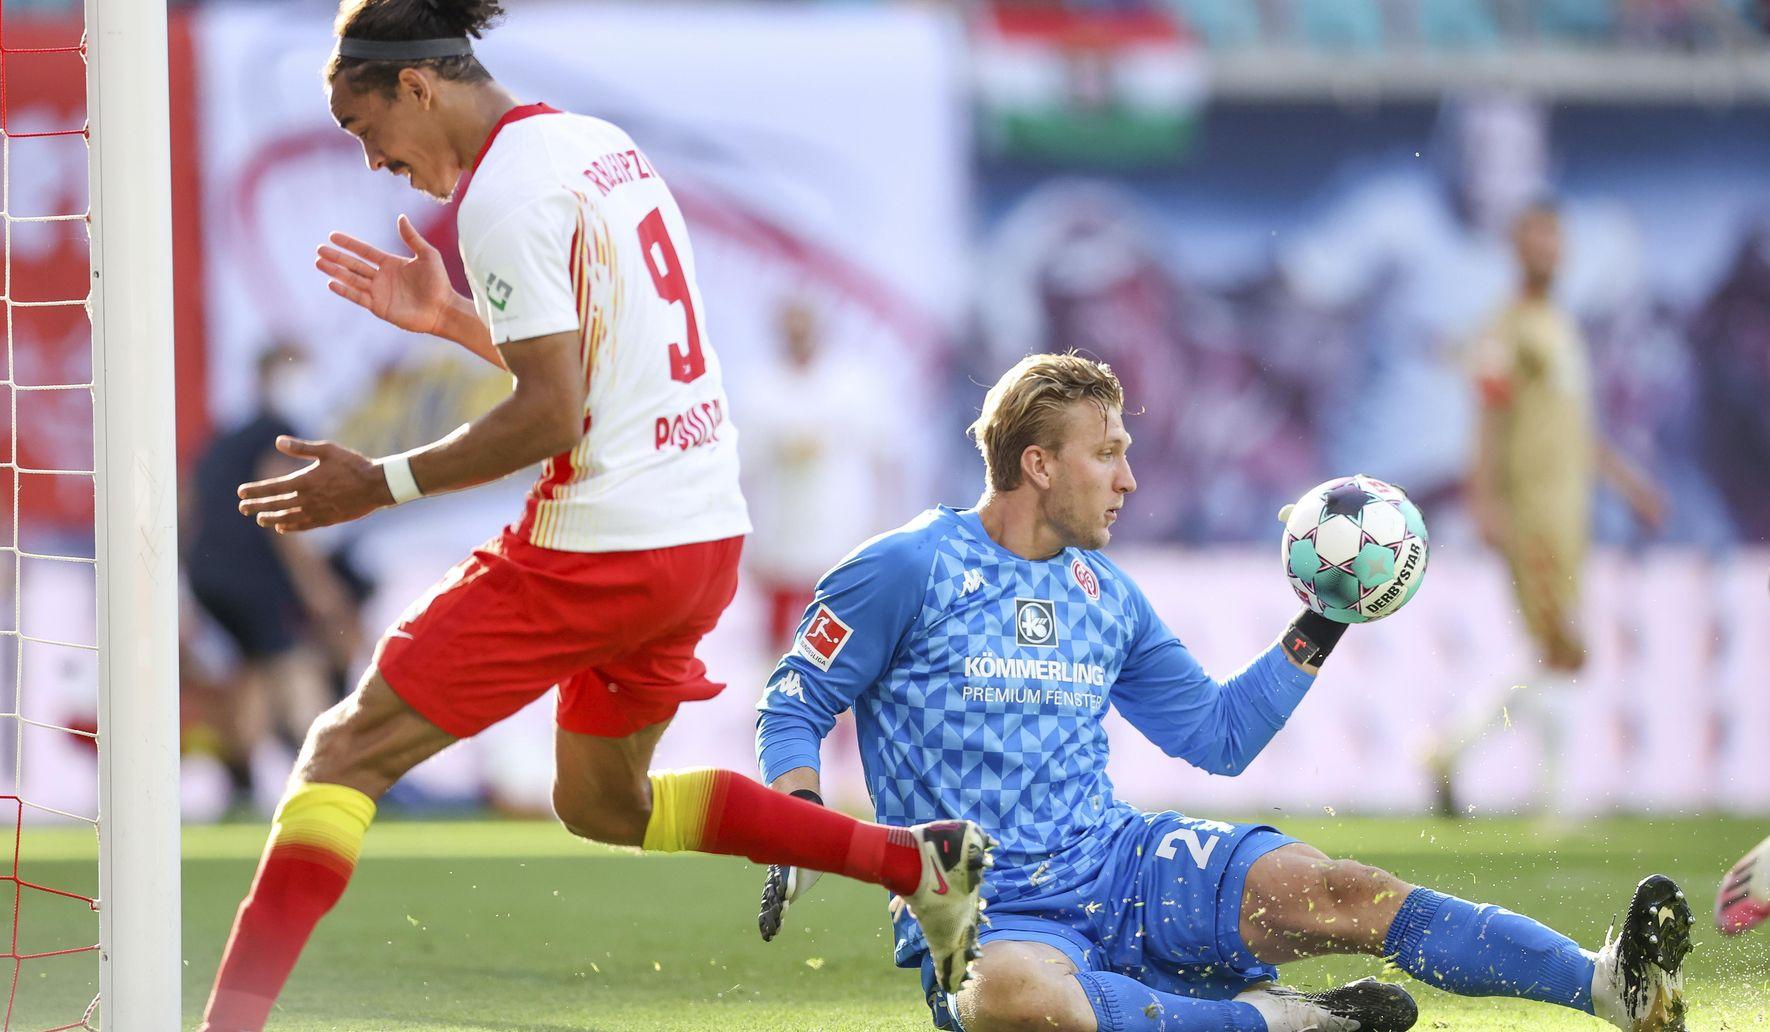 Germany_soccer_bundesliga_92235_c0-254-5103-3229_s1770x1032